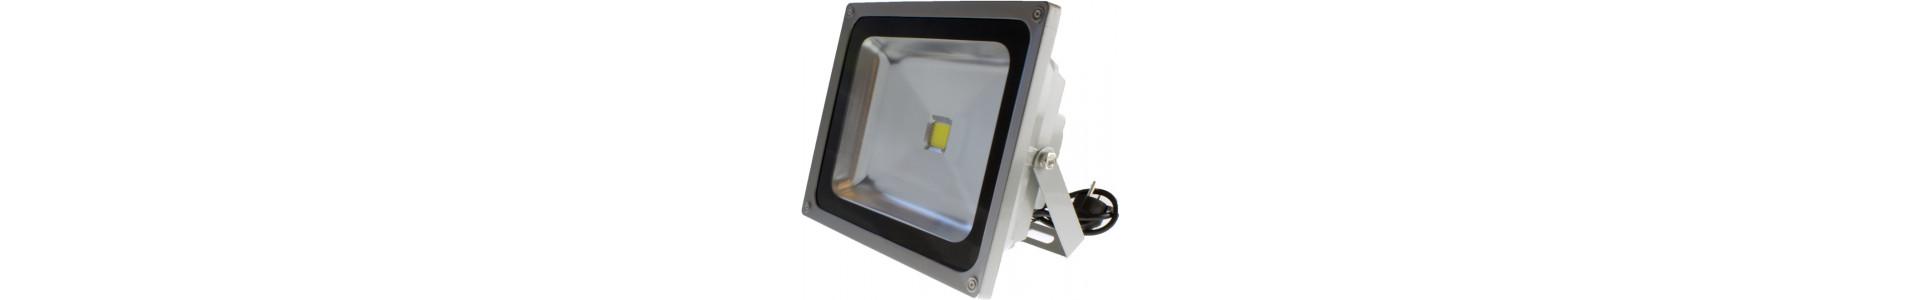 230V LED